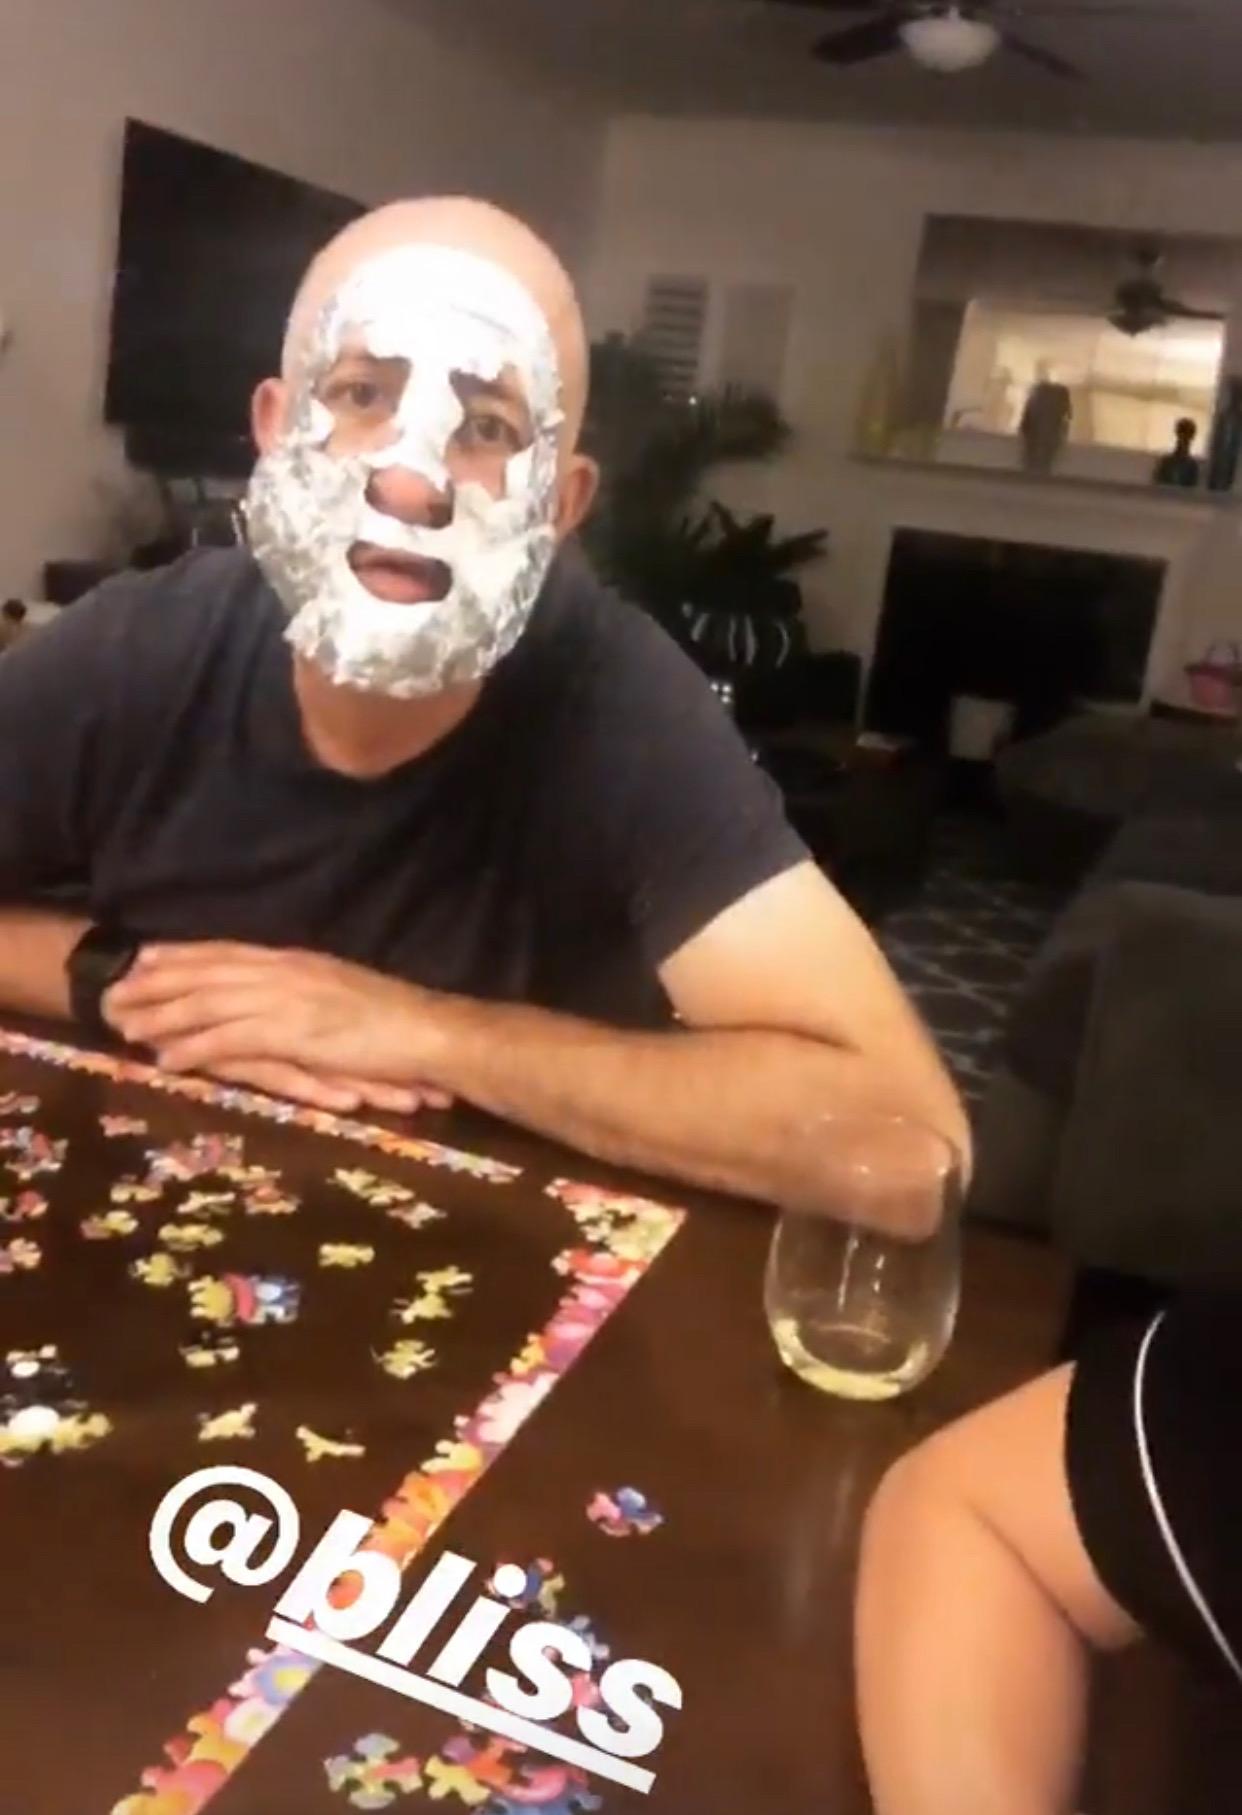 Josh rocked a Bliss mask